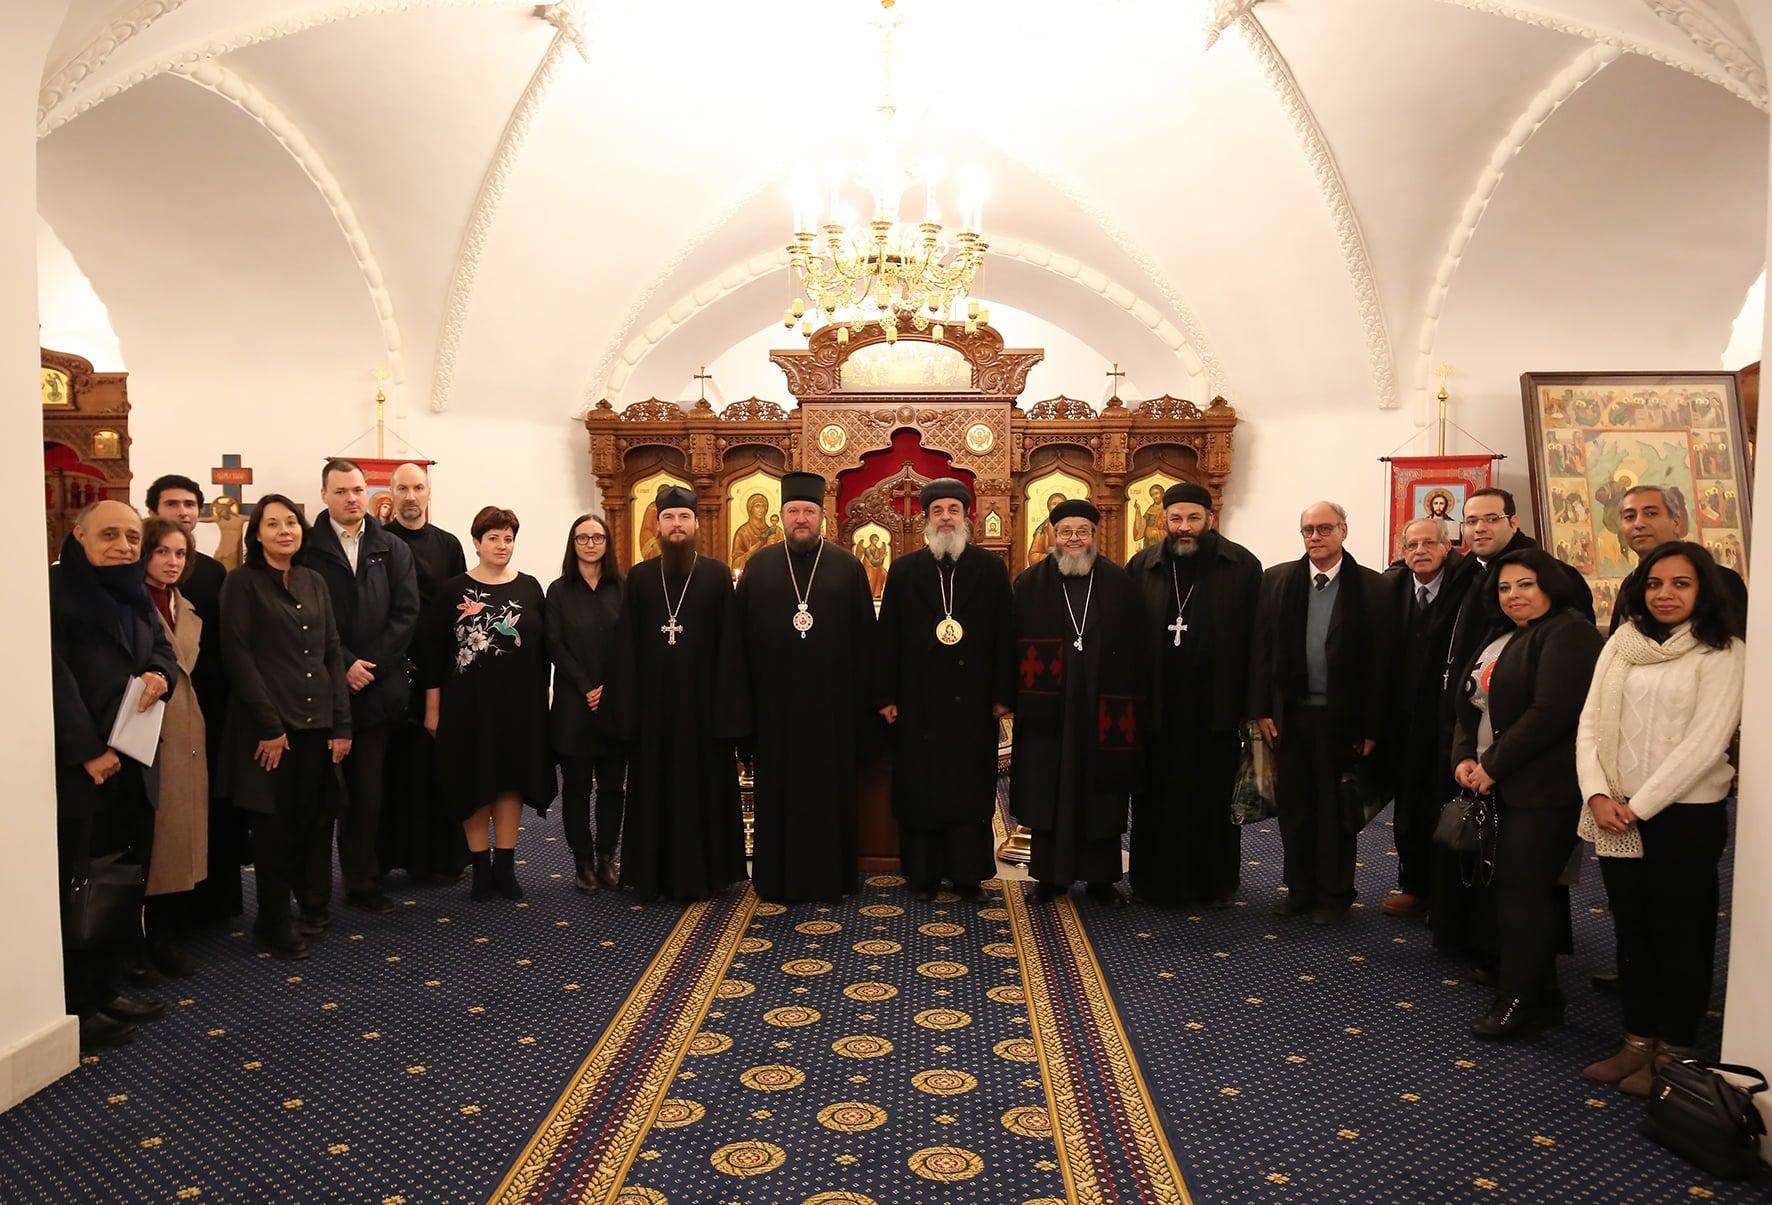 Сарадња Руског православног универзитета са коптским центрима образовања у Египту